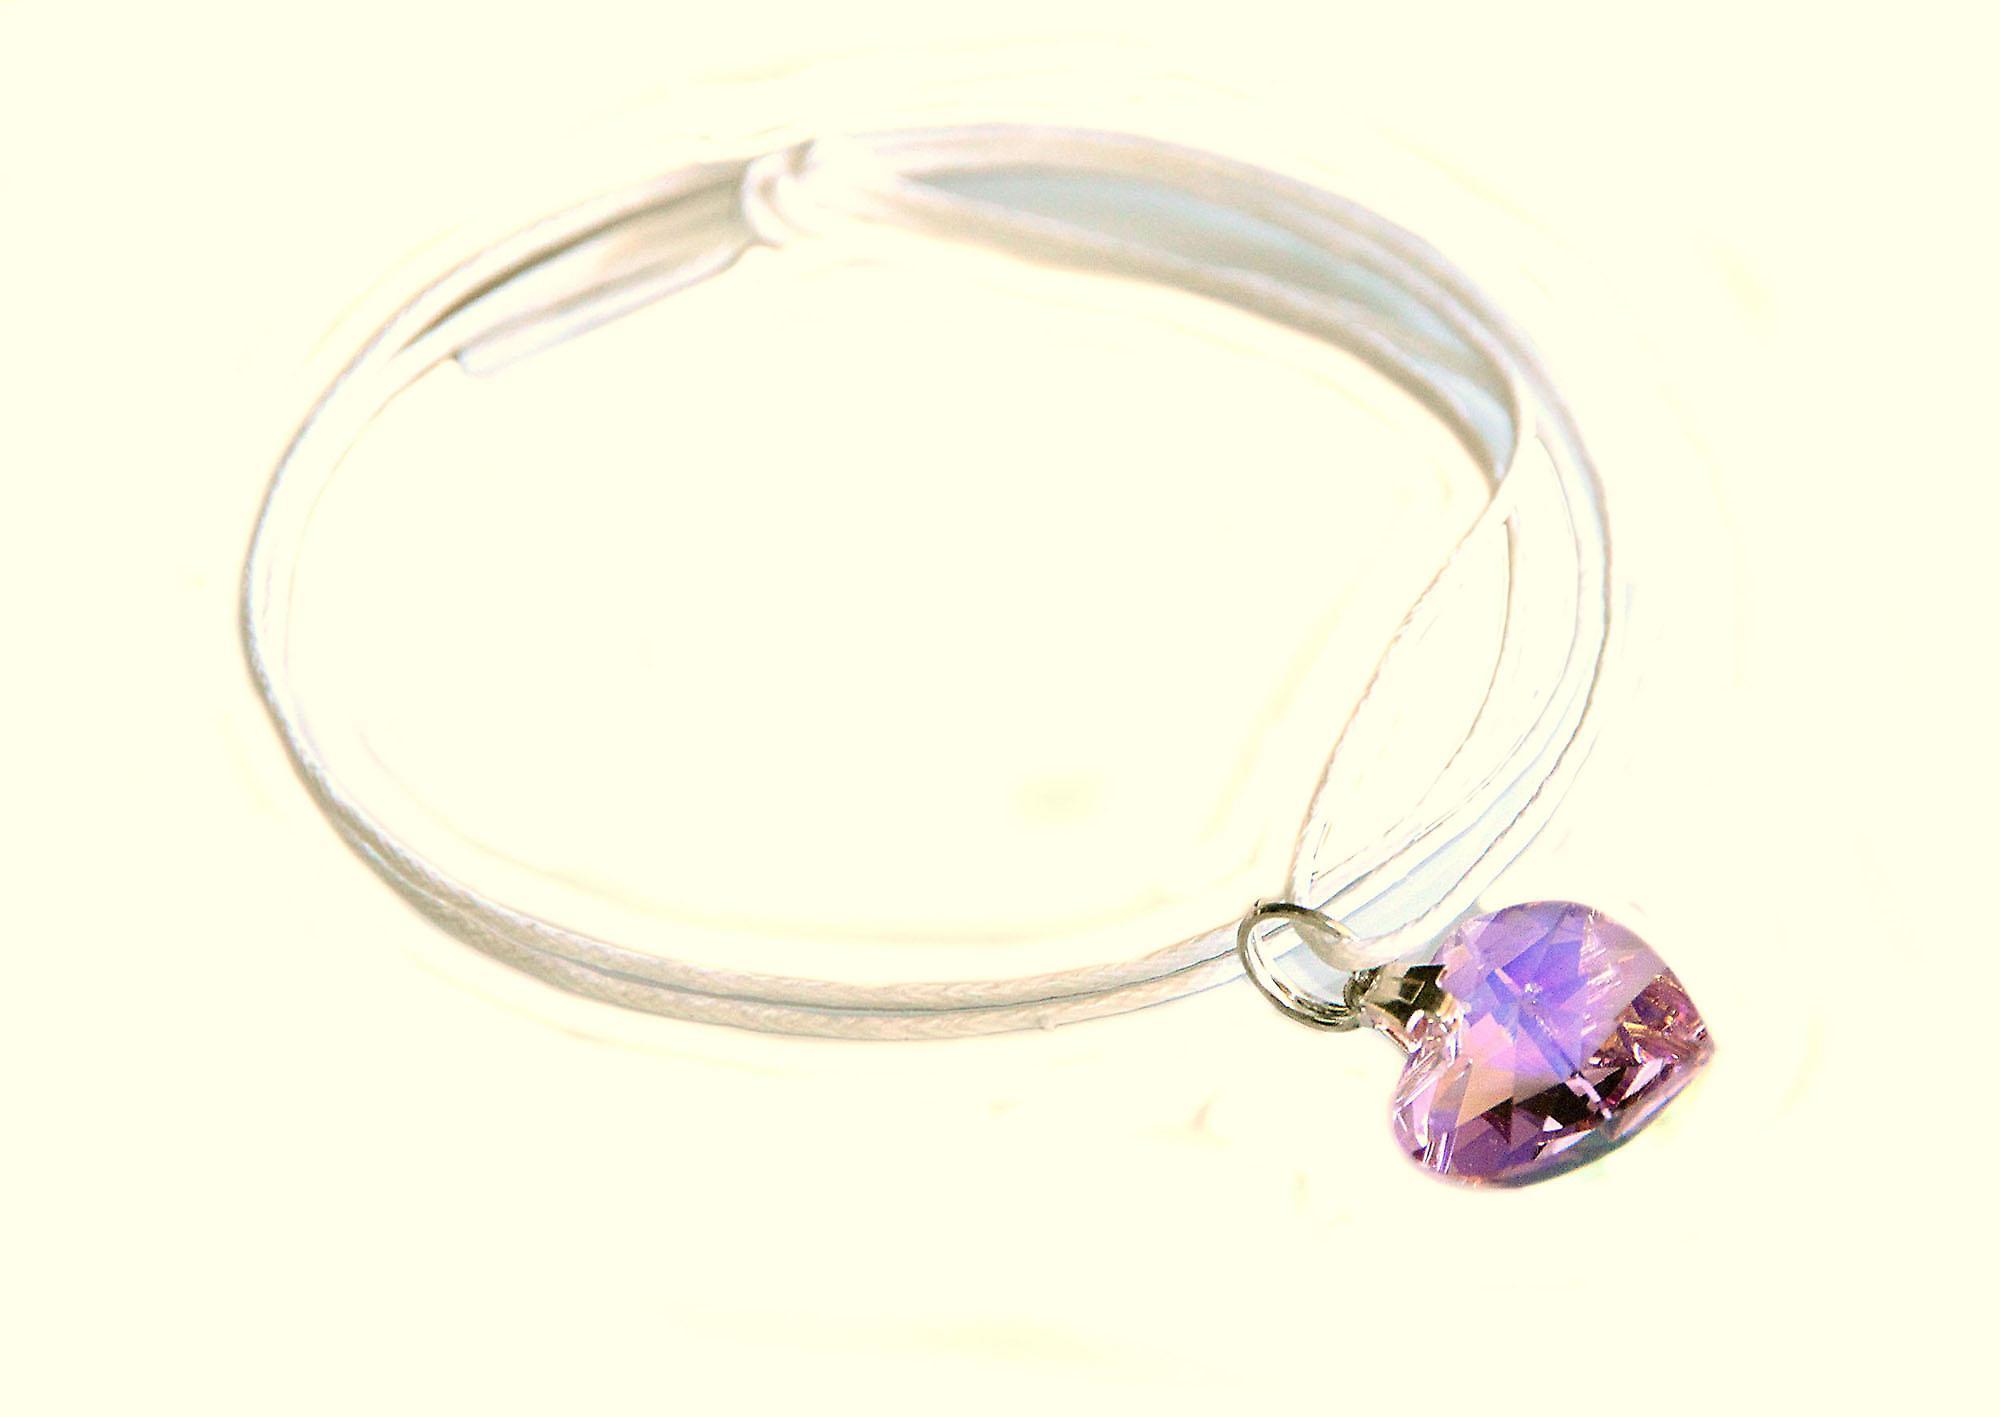 Waooh - sieraden - Swarovski / paars hart met koord hanger wax